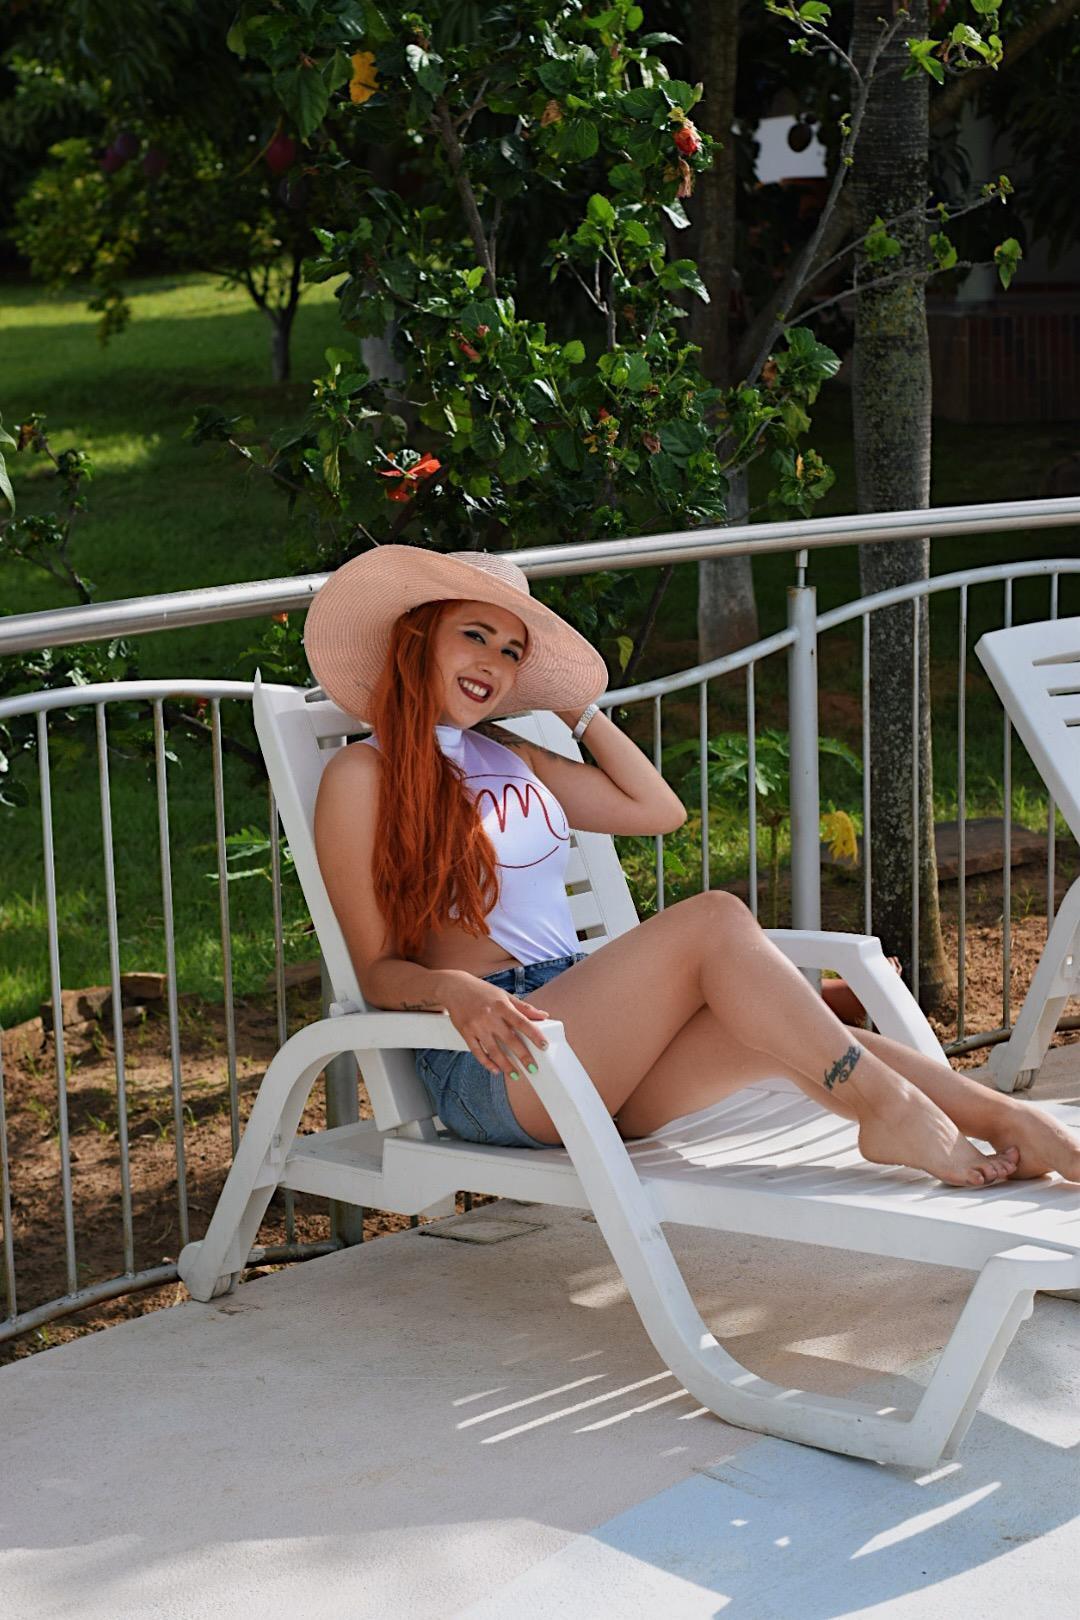 CARLA_LUXURY_ live cam on Cam4.com